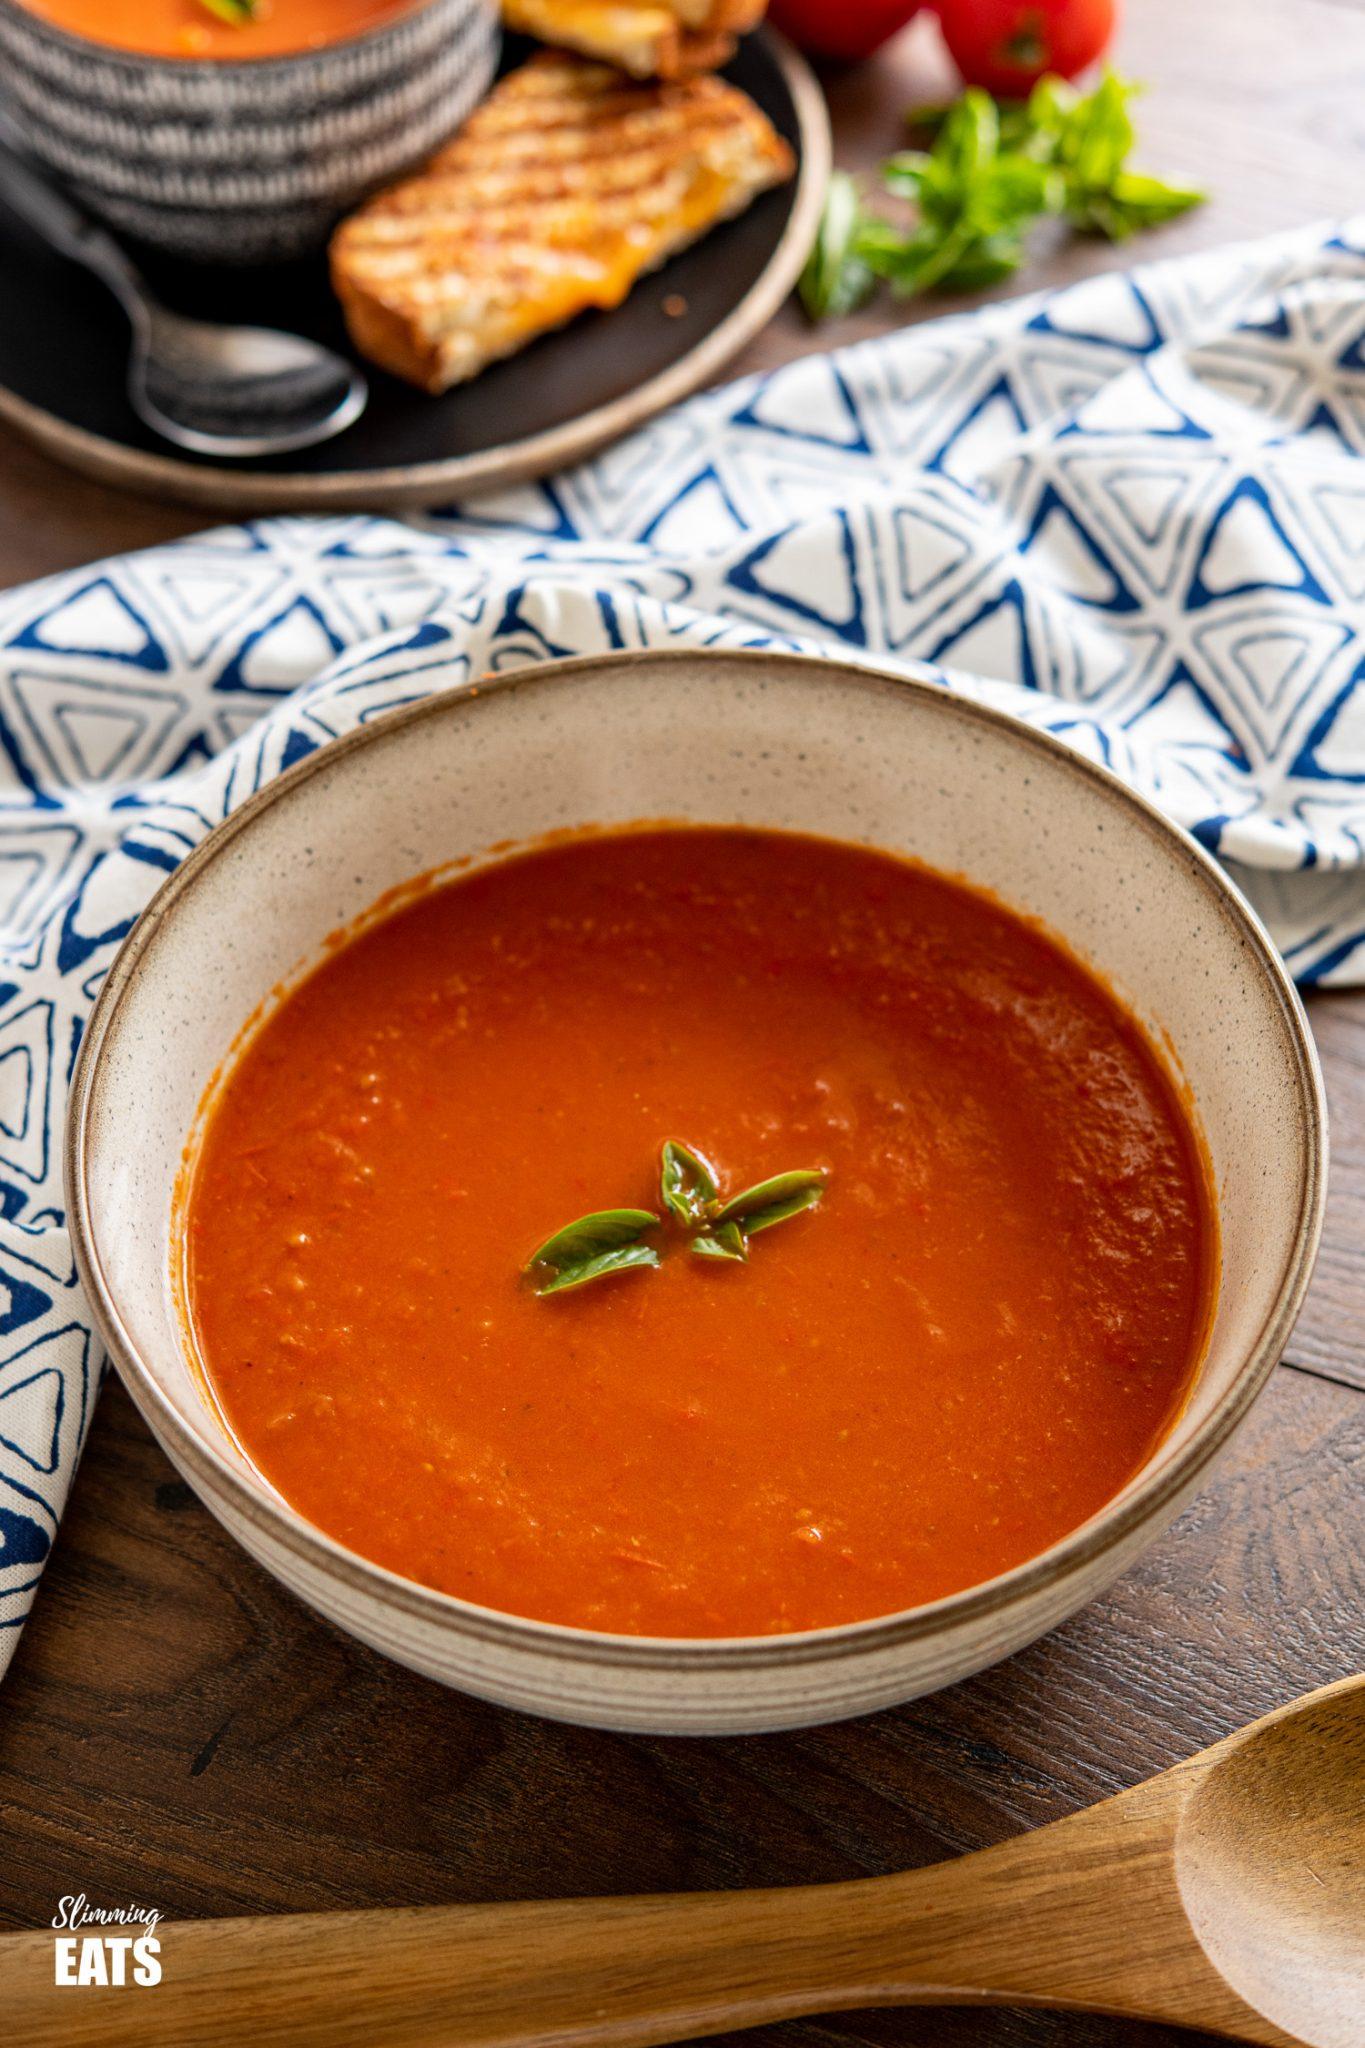 Grand bol brun tacheté de poivron rouge rôti et soupe de tomates avec une cuillère en bois à l'avant